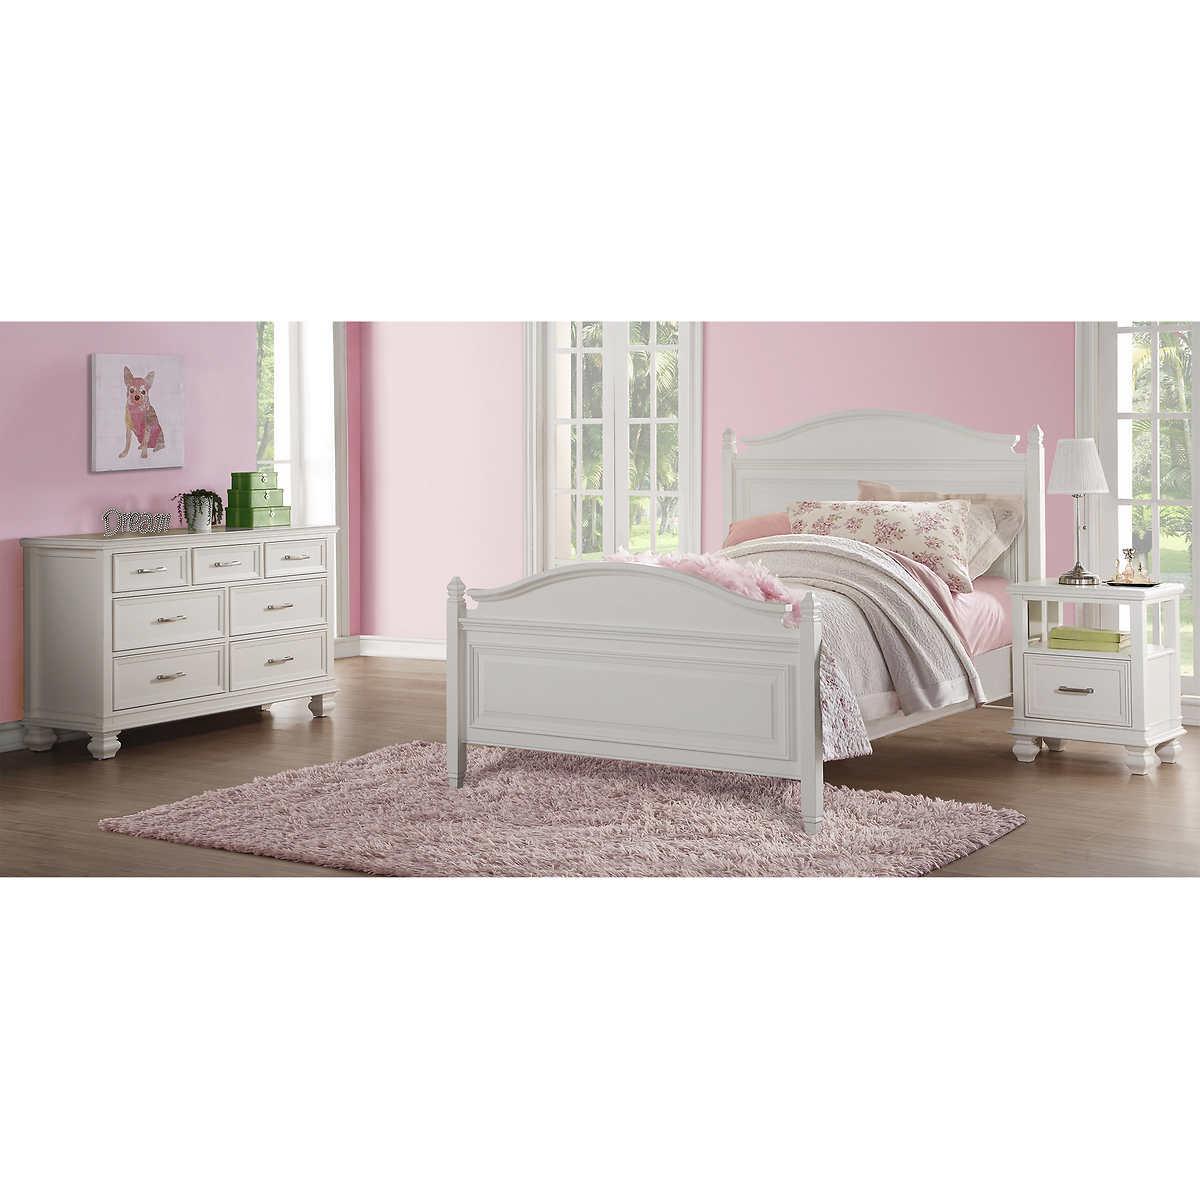 Bella 3-piece Full Bedroom Set